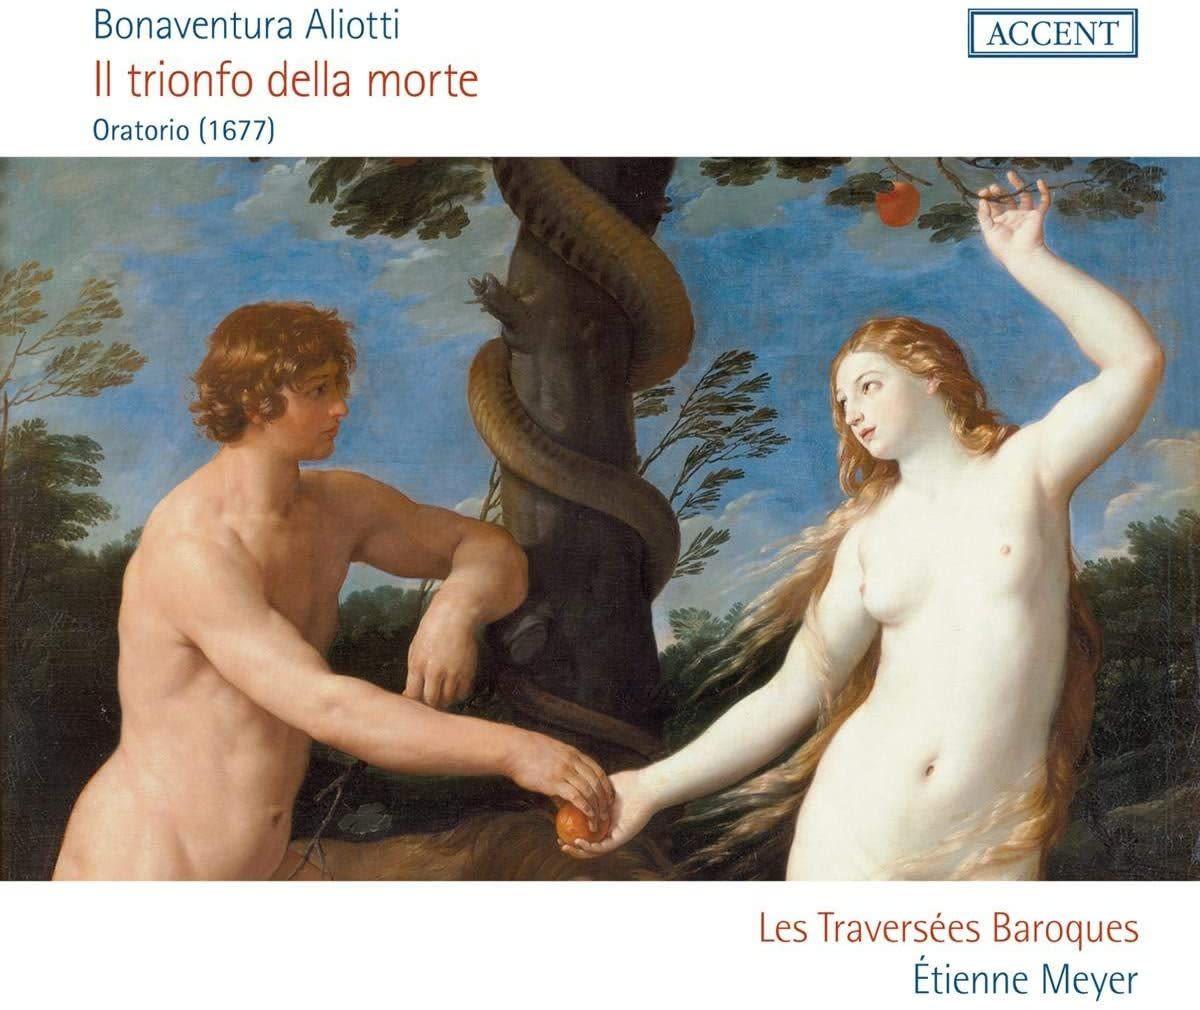 Photo No.1 of Bonaventura Aliotti: Il Trionfo Della Morte Oratorio (1677)